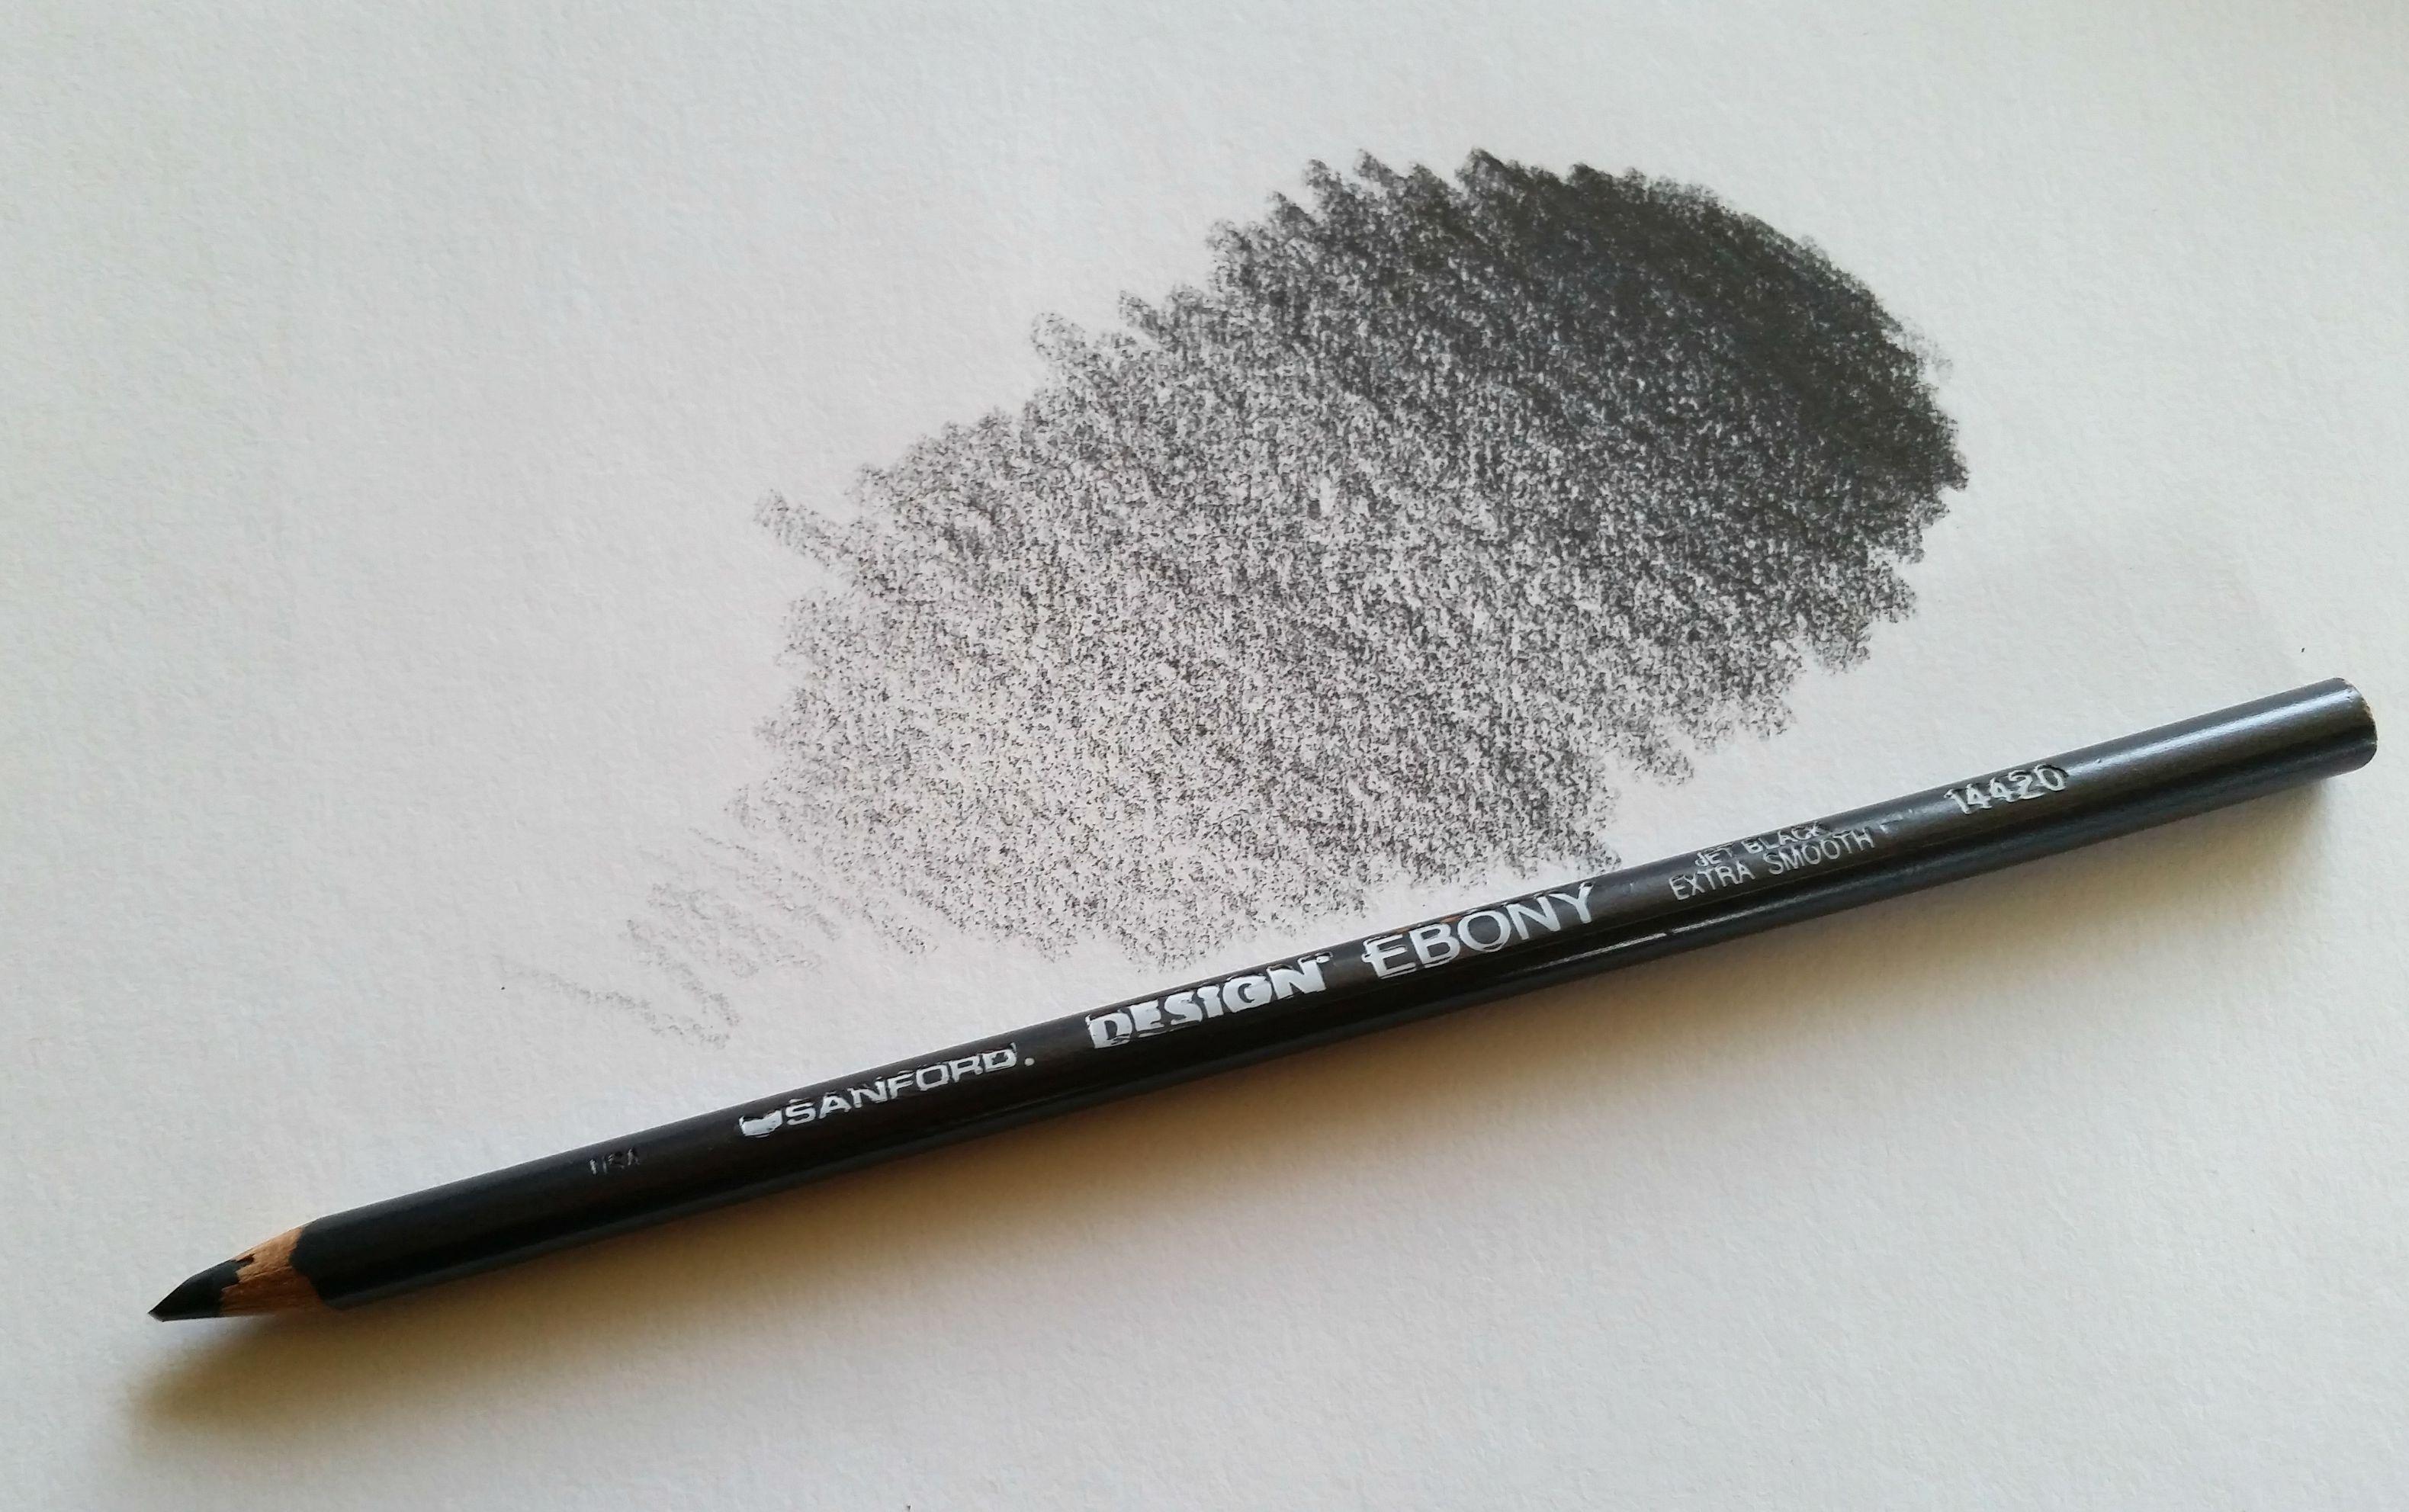 Ebony pencil